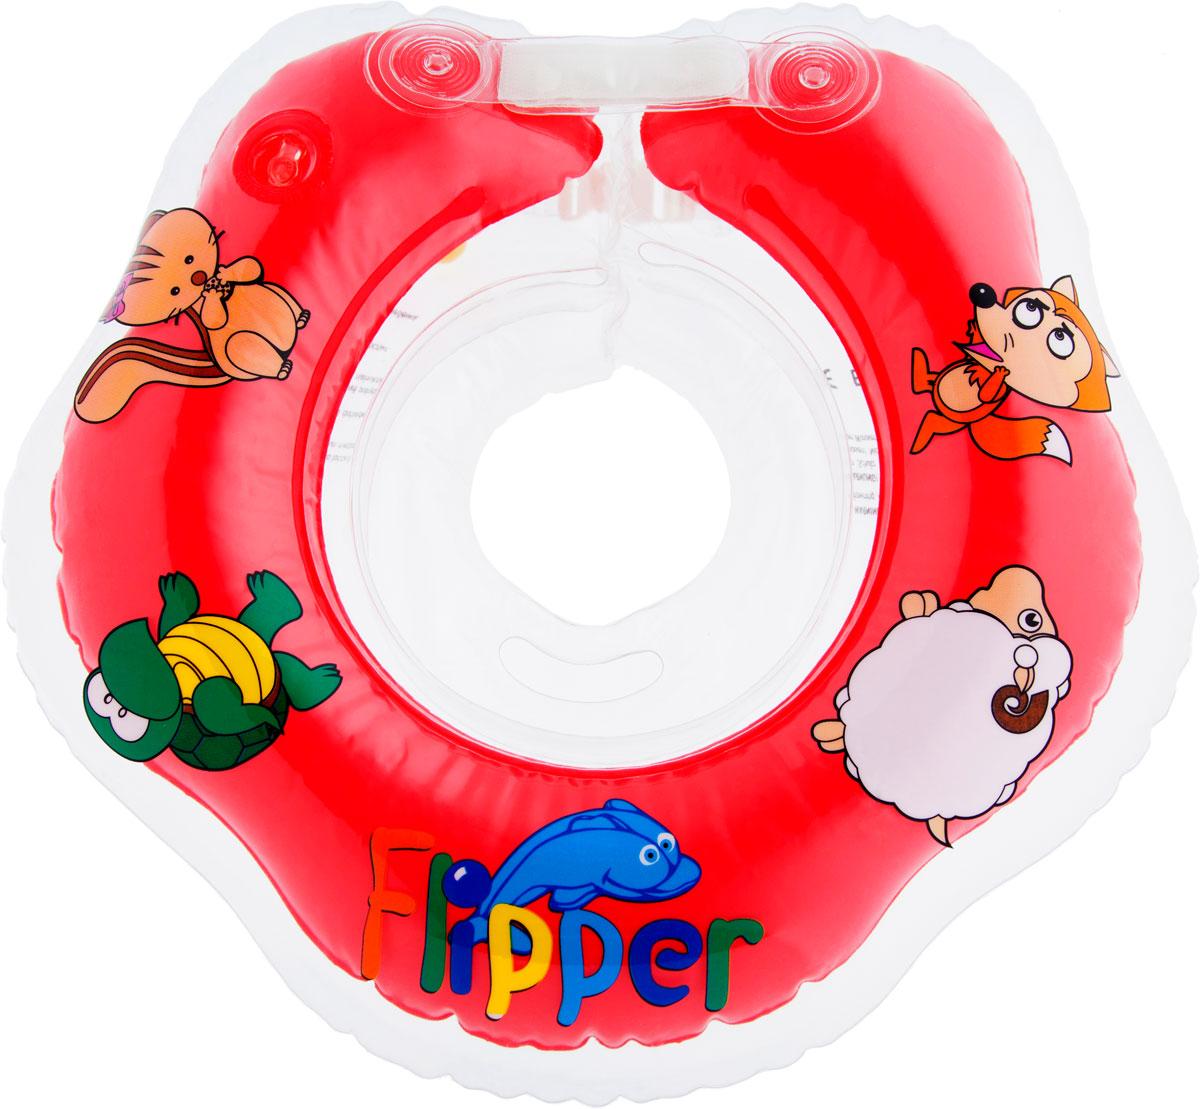 Roxy-kids Круг на шею для купания Flipper цвет красный круг для купания младенцев flipper отзывы